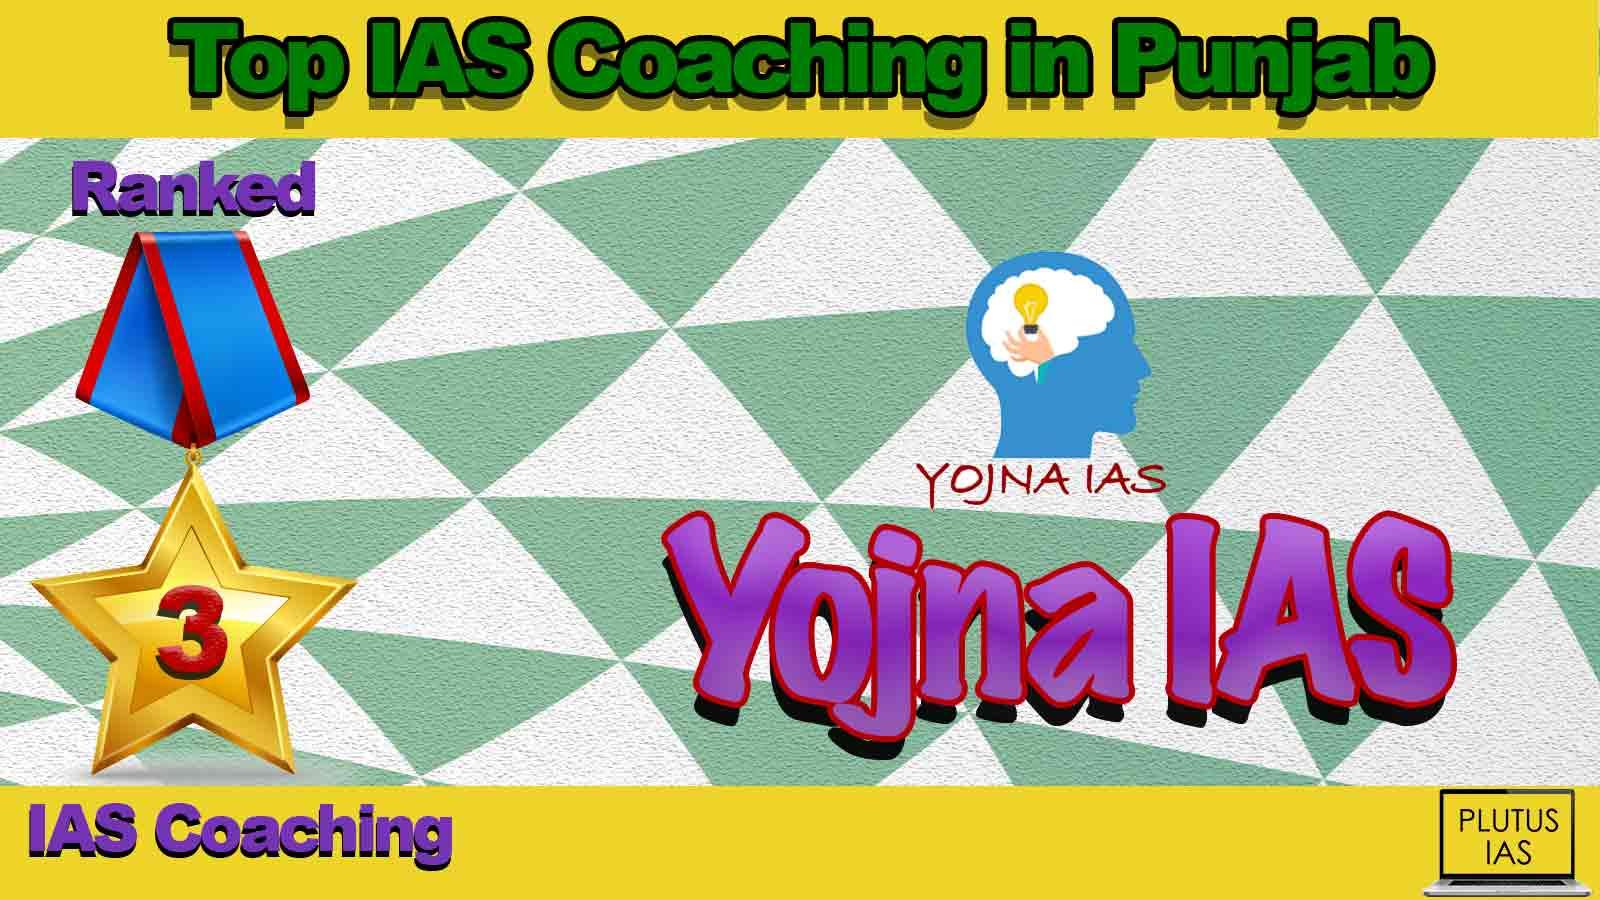 Best IAS Coaching in Punjab